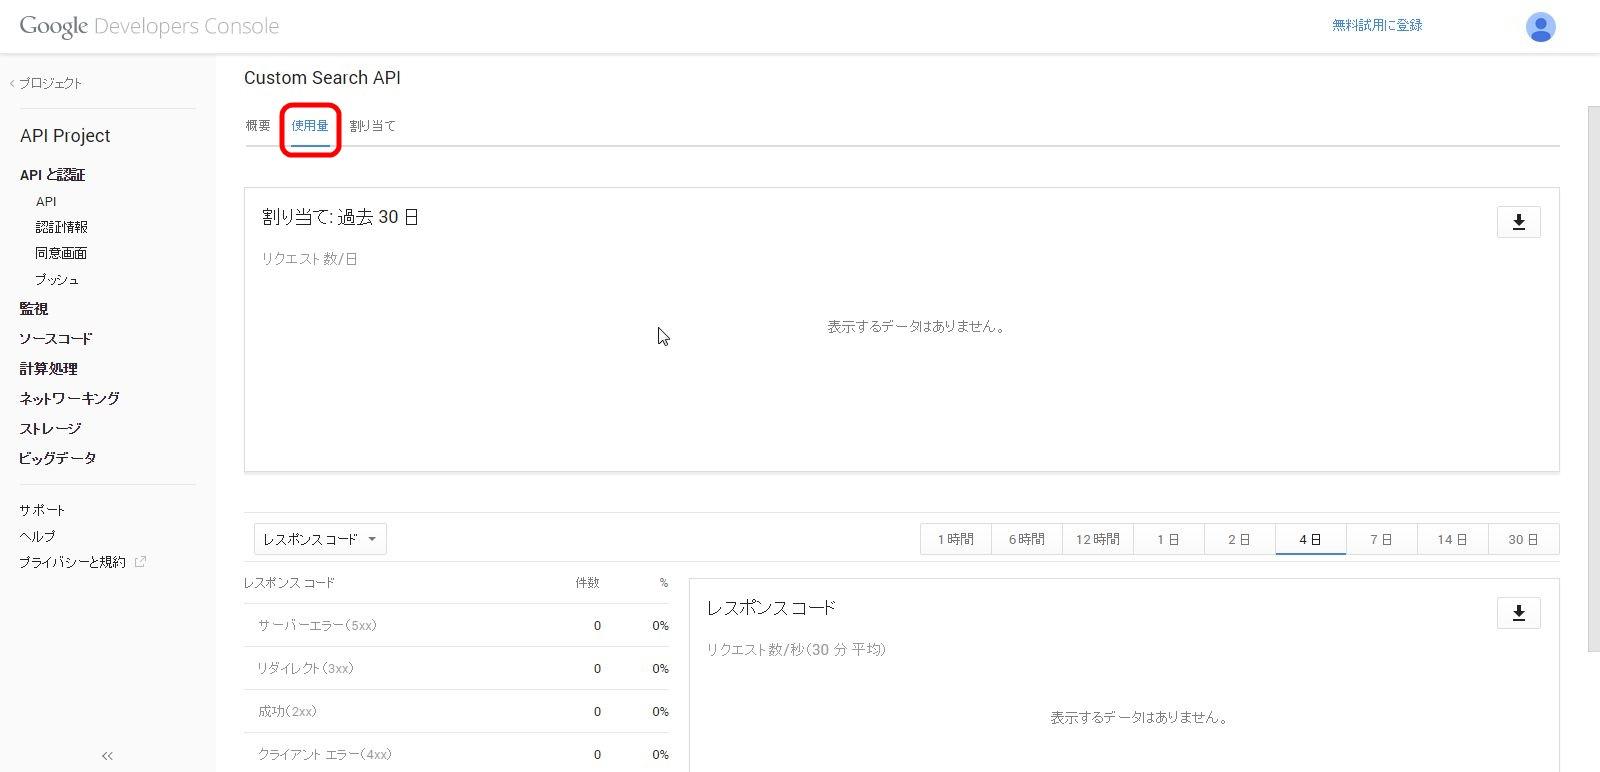 DevelopersConsoleCustomSearchApi.JPG